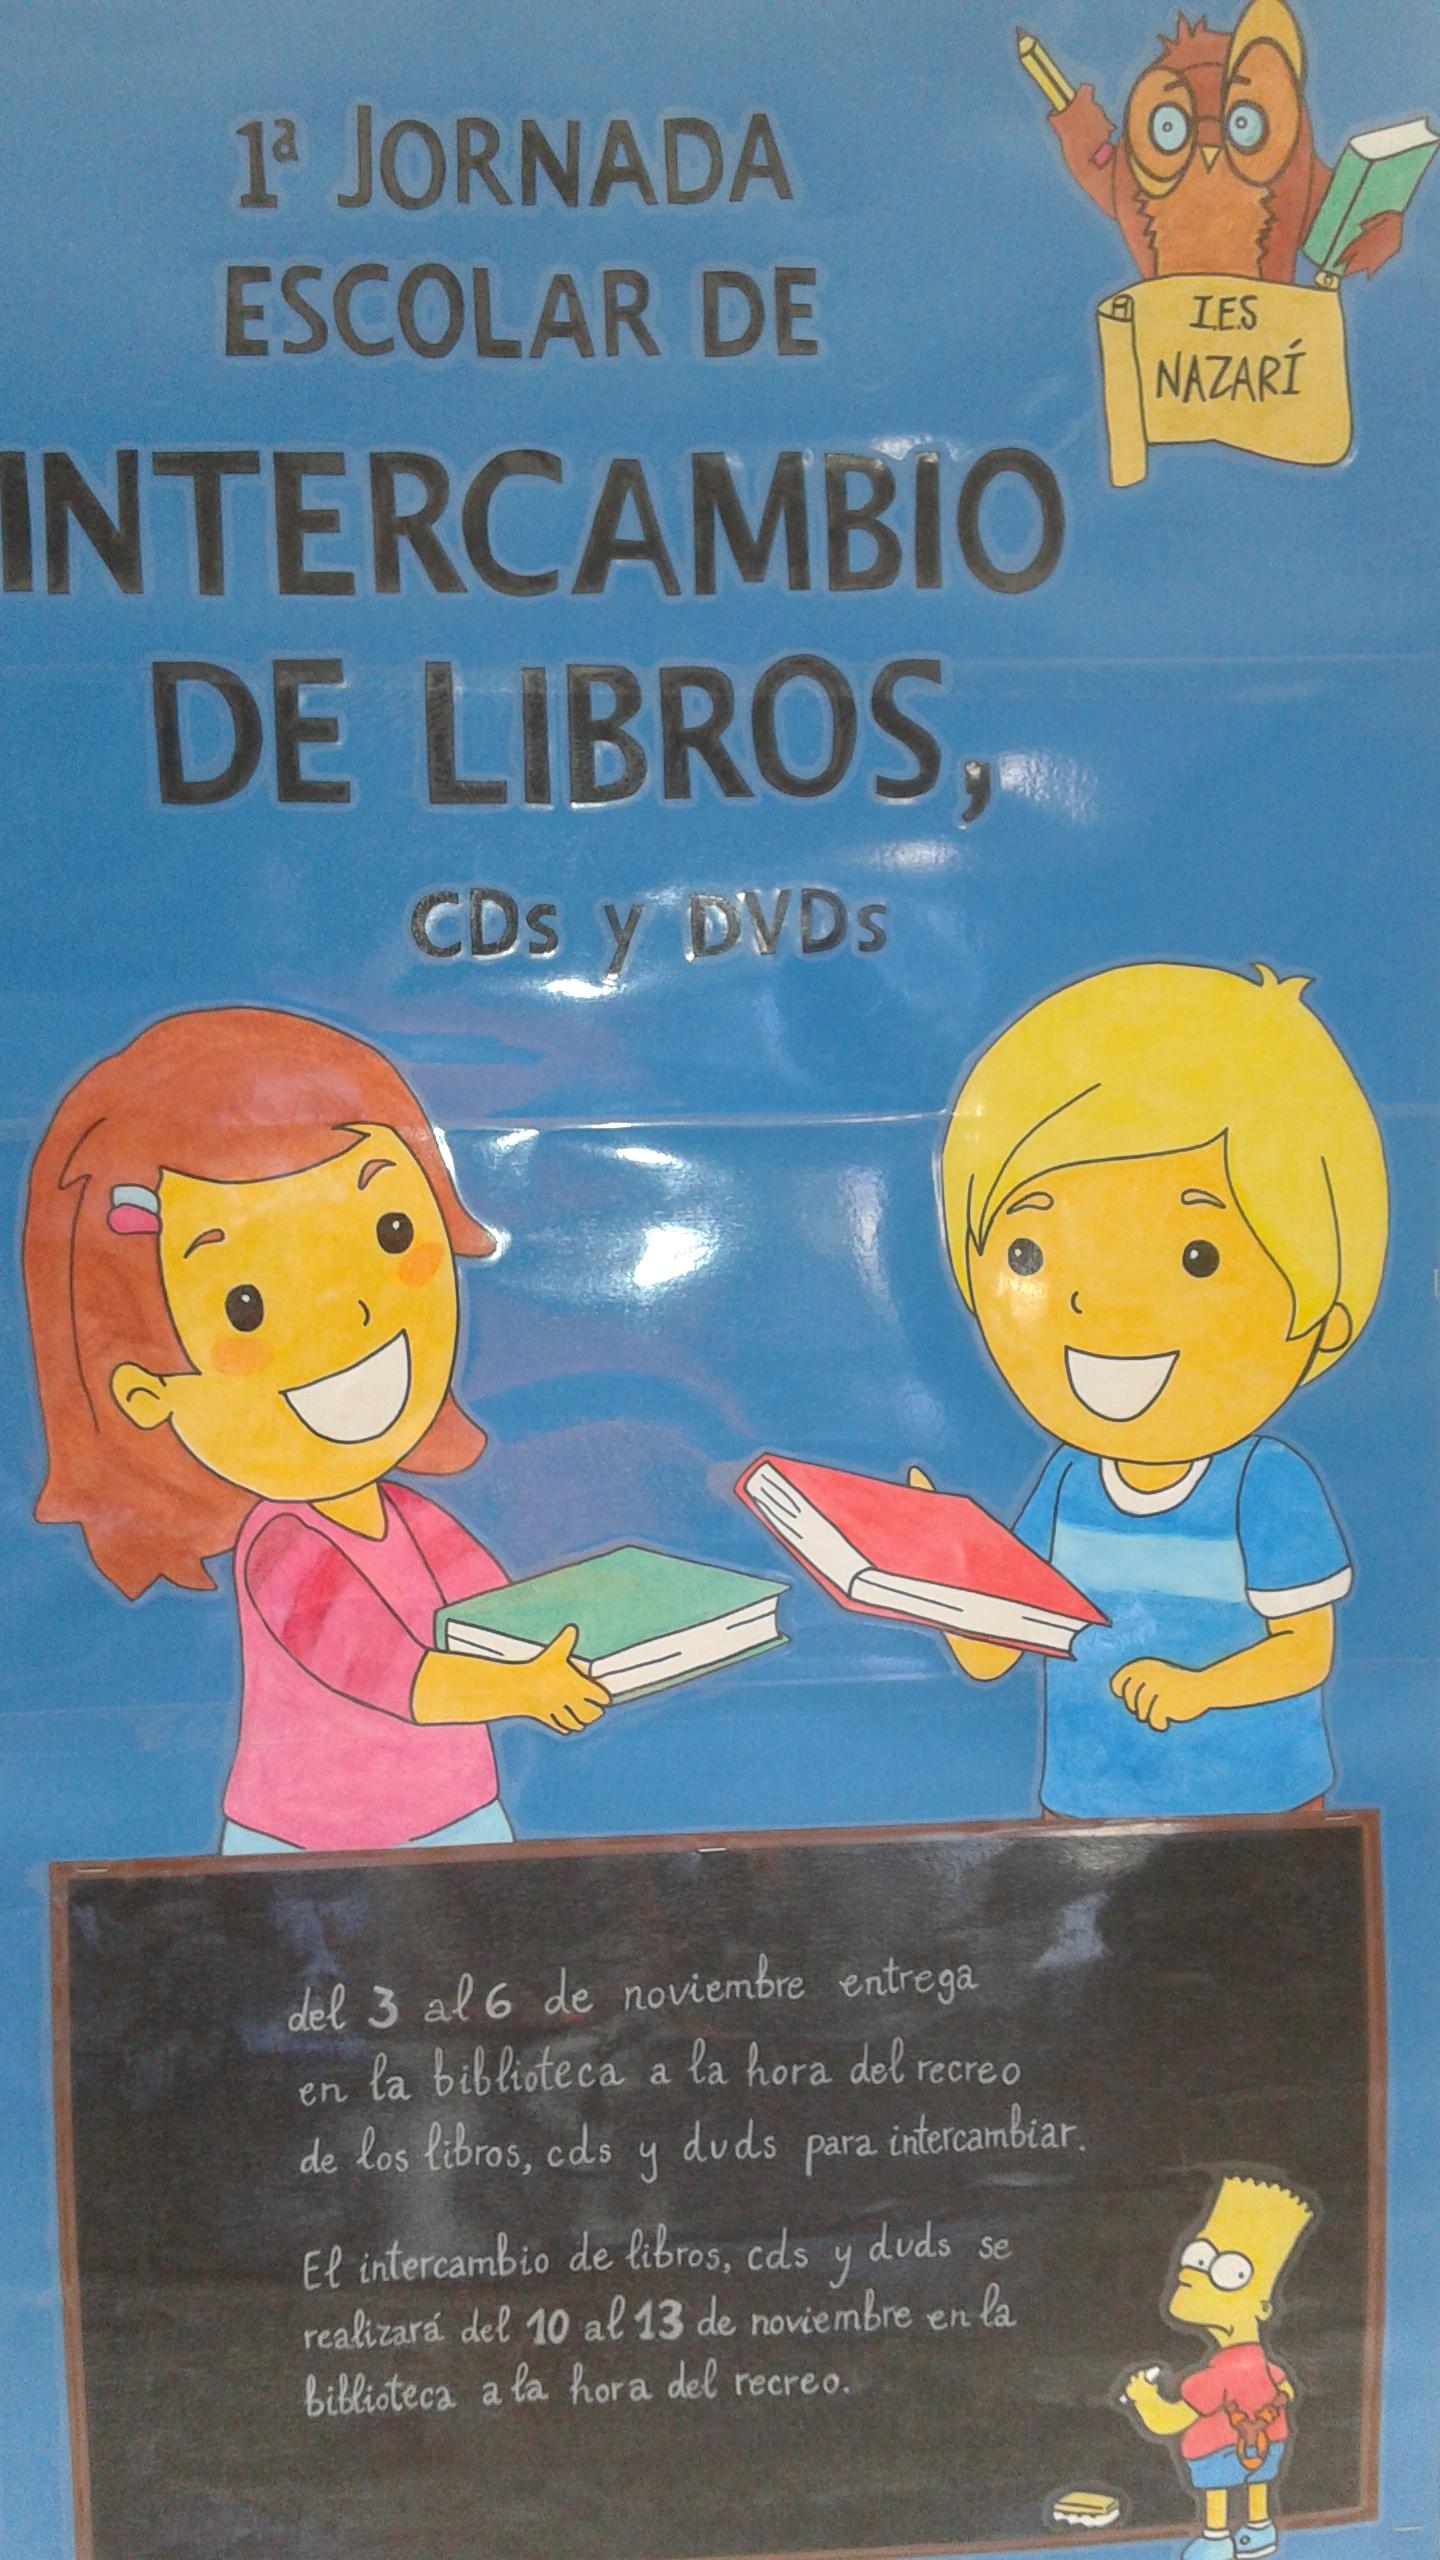 INTERCAMBIO DE LIBROS, CDs Y DVDs